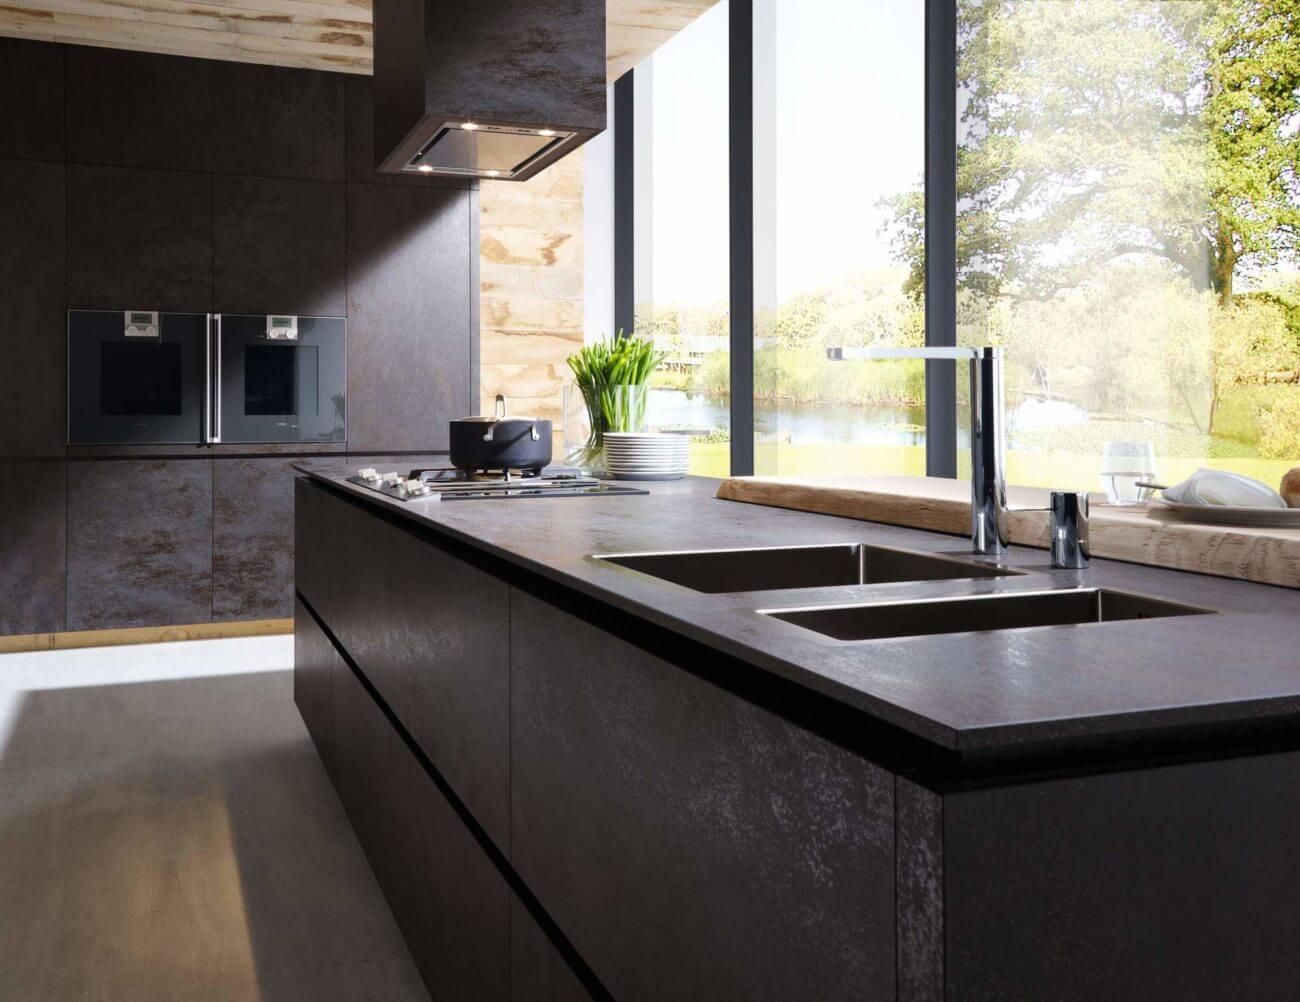 Küche mit Arbeitsplatte aus Keramik. Foto: Alno